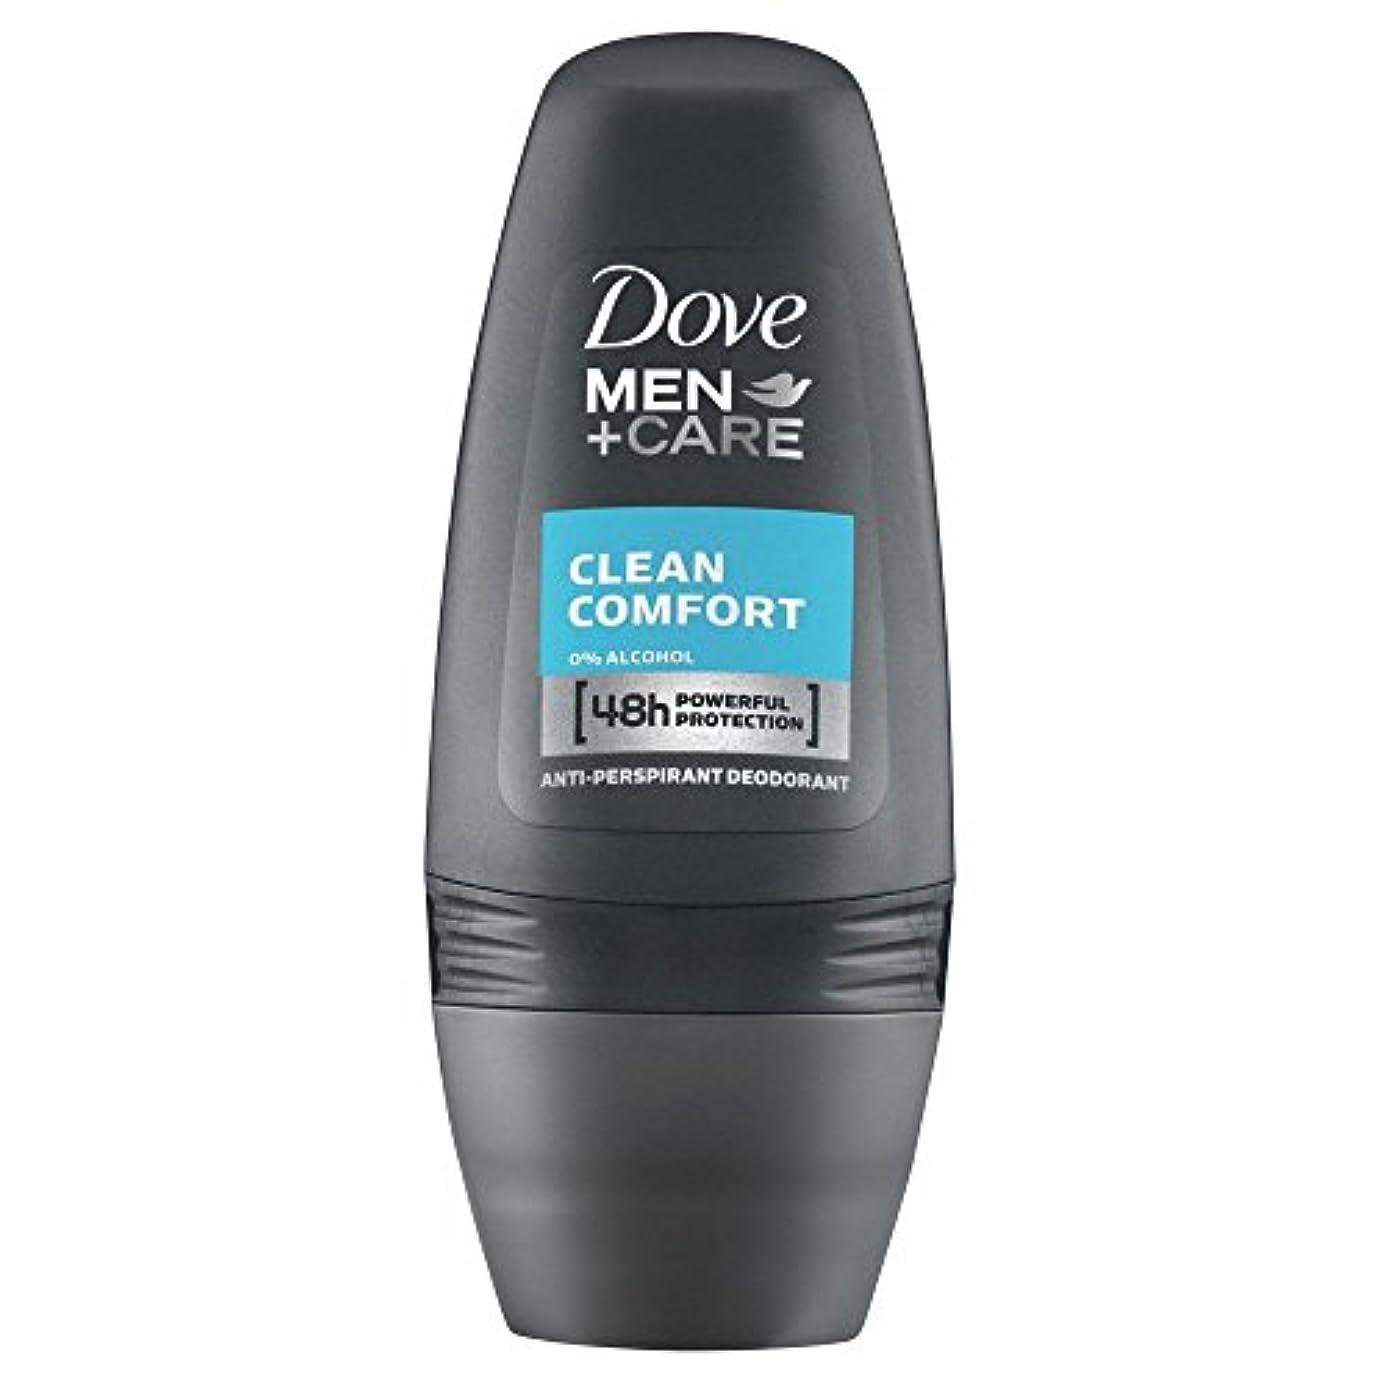 憂鬱な野心的次へDove Men + Care Antiperspirant Deodorant - Clean Comfort Roll-On (50ml) クリーンコンフォートロールオン( 50ミリリットル) - 鳩の男性は制汗デオドラントケア...